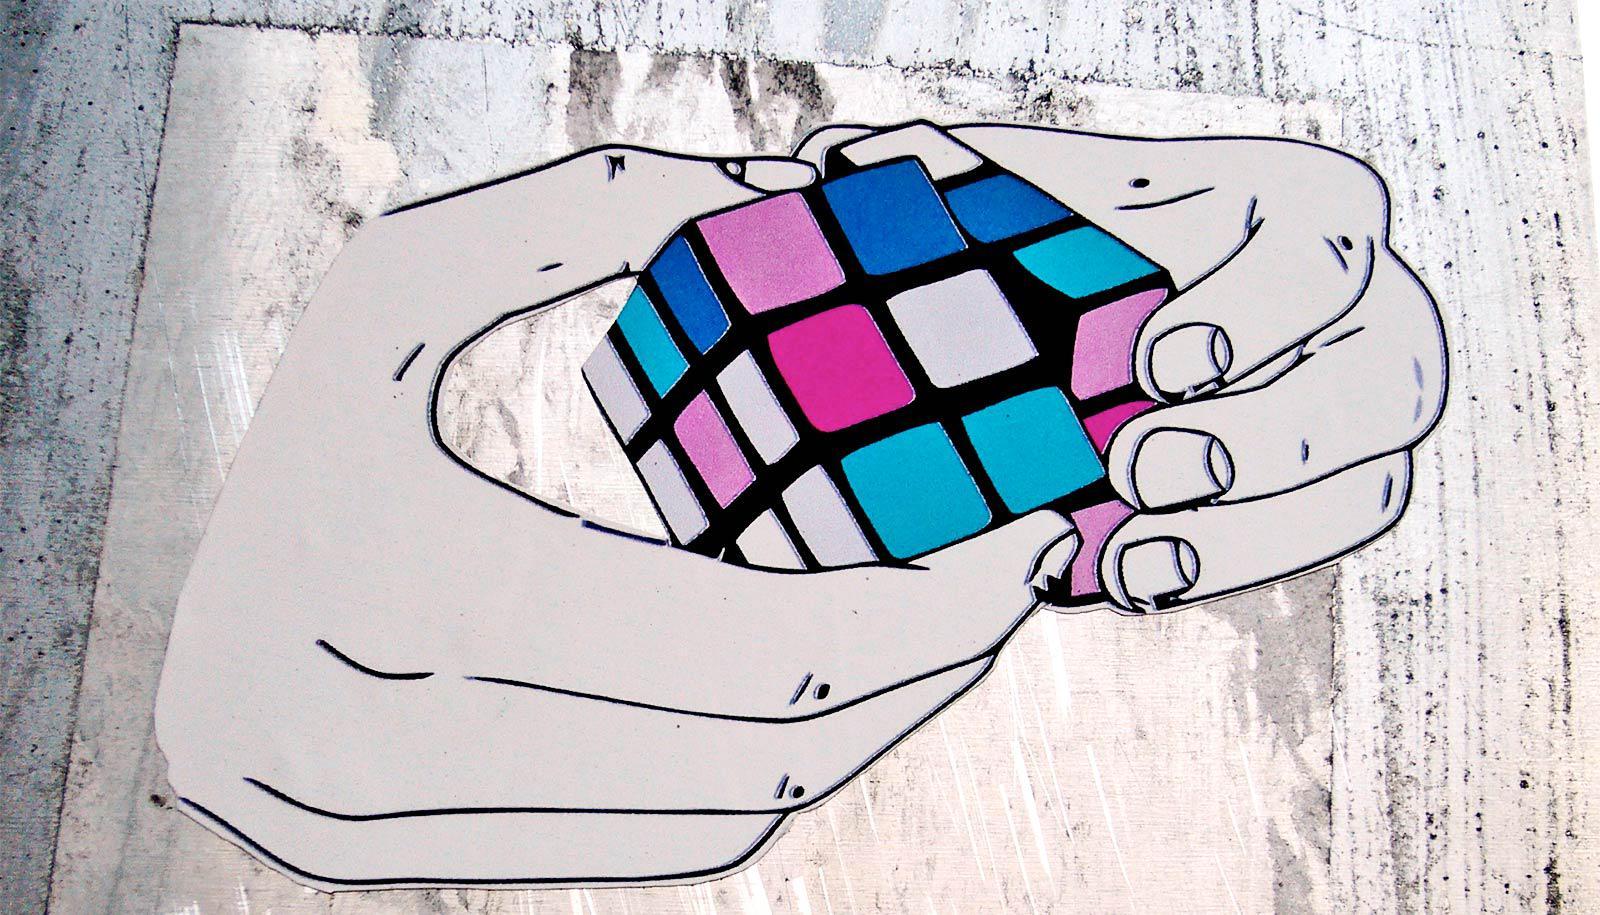 rubik's cube (morpheus chip concept)